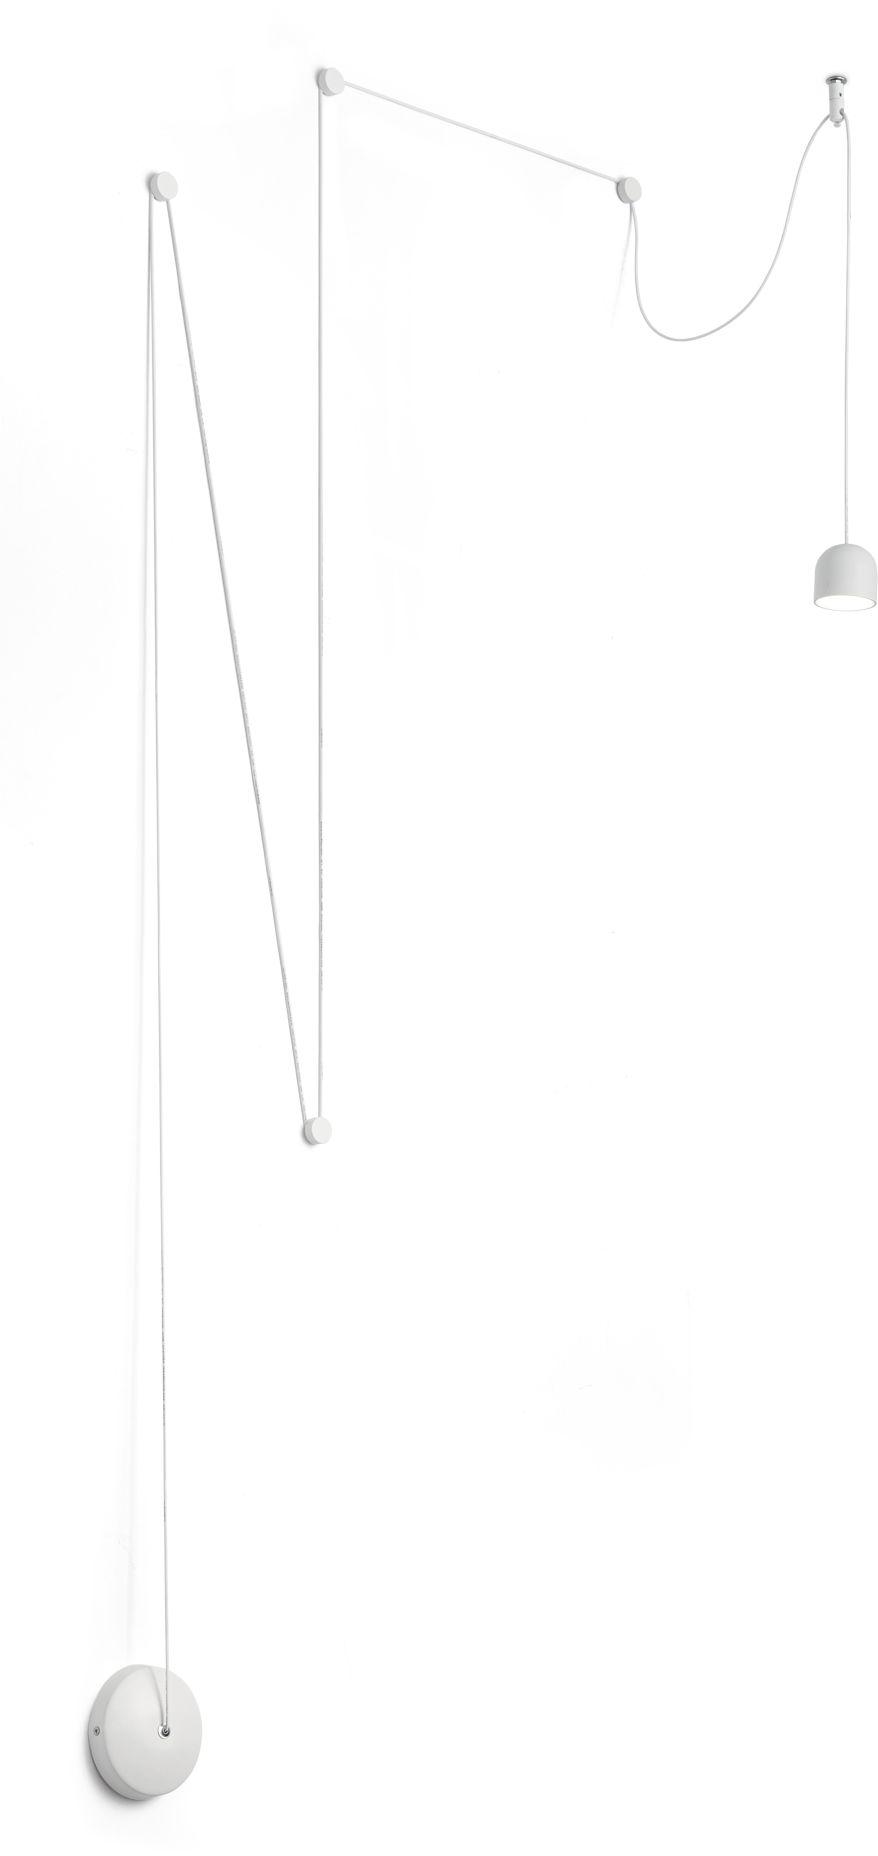 Żyrandol Tall Sp1 Small 196794 Ideal Lux oprawa wisząca w kolorze białym